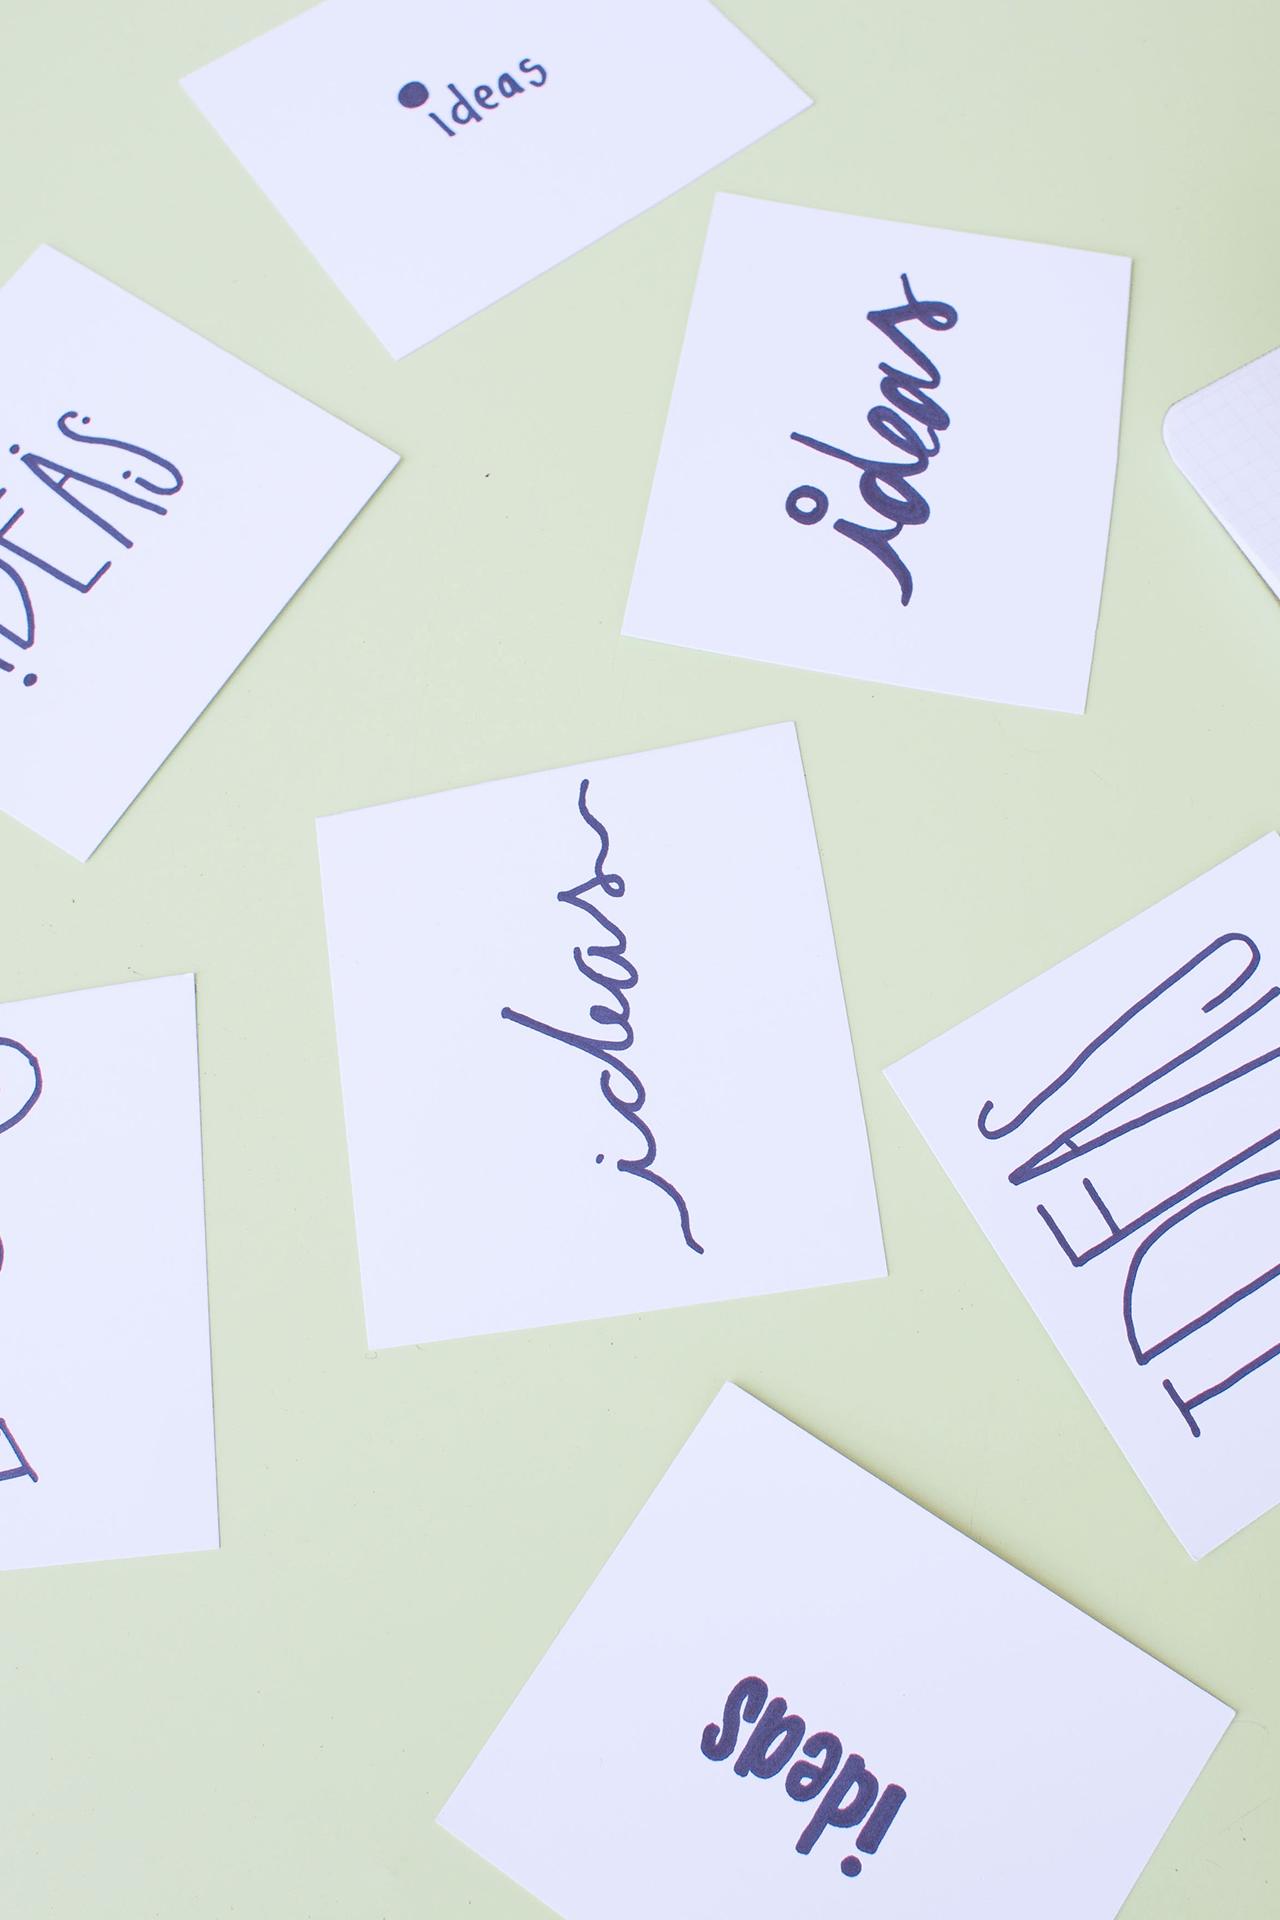 nuove idee da scrivere sul tuo blog